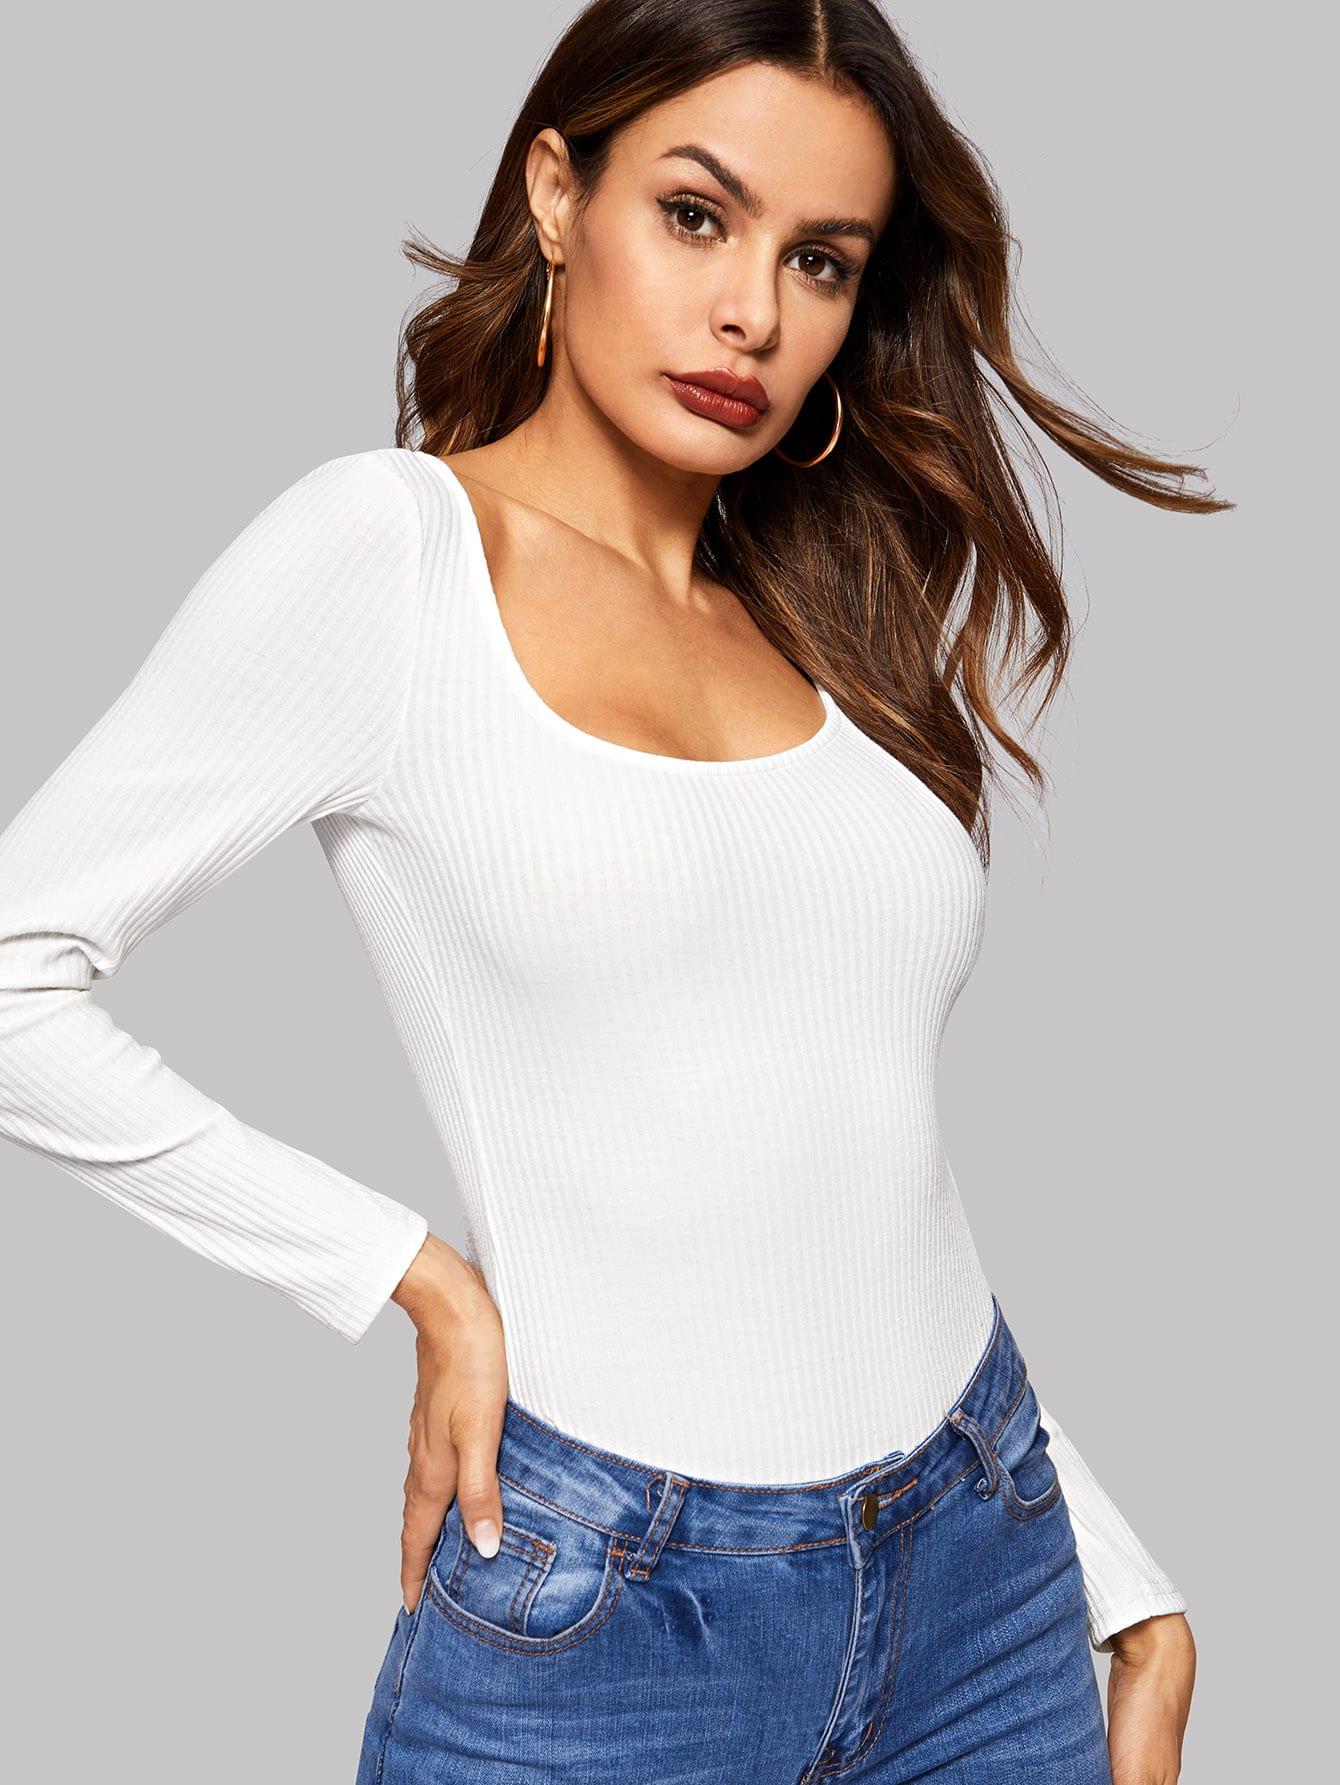 Фото - Приталенная вязаная футболка с веерообразным воротником от SheIn белого цвета